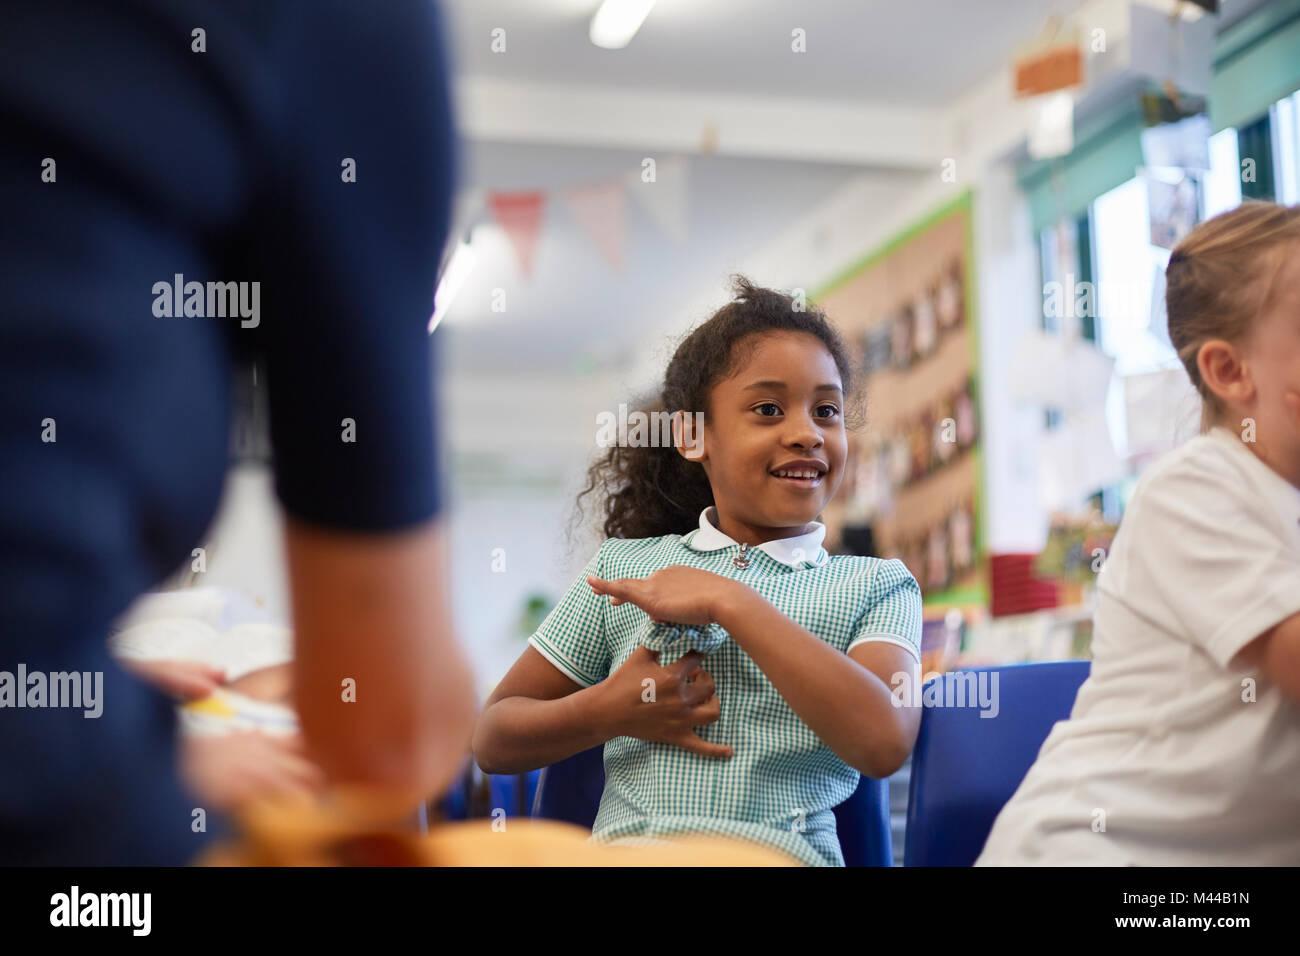 Scolare e insegnante di classe presso la scuola primaria, ritagliato Immagini Stock